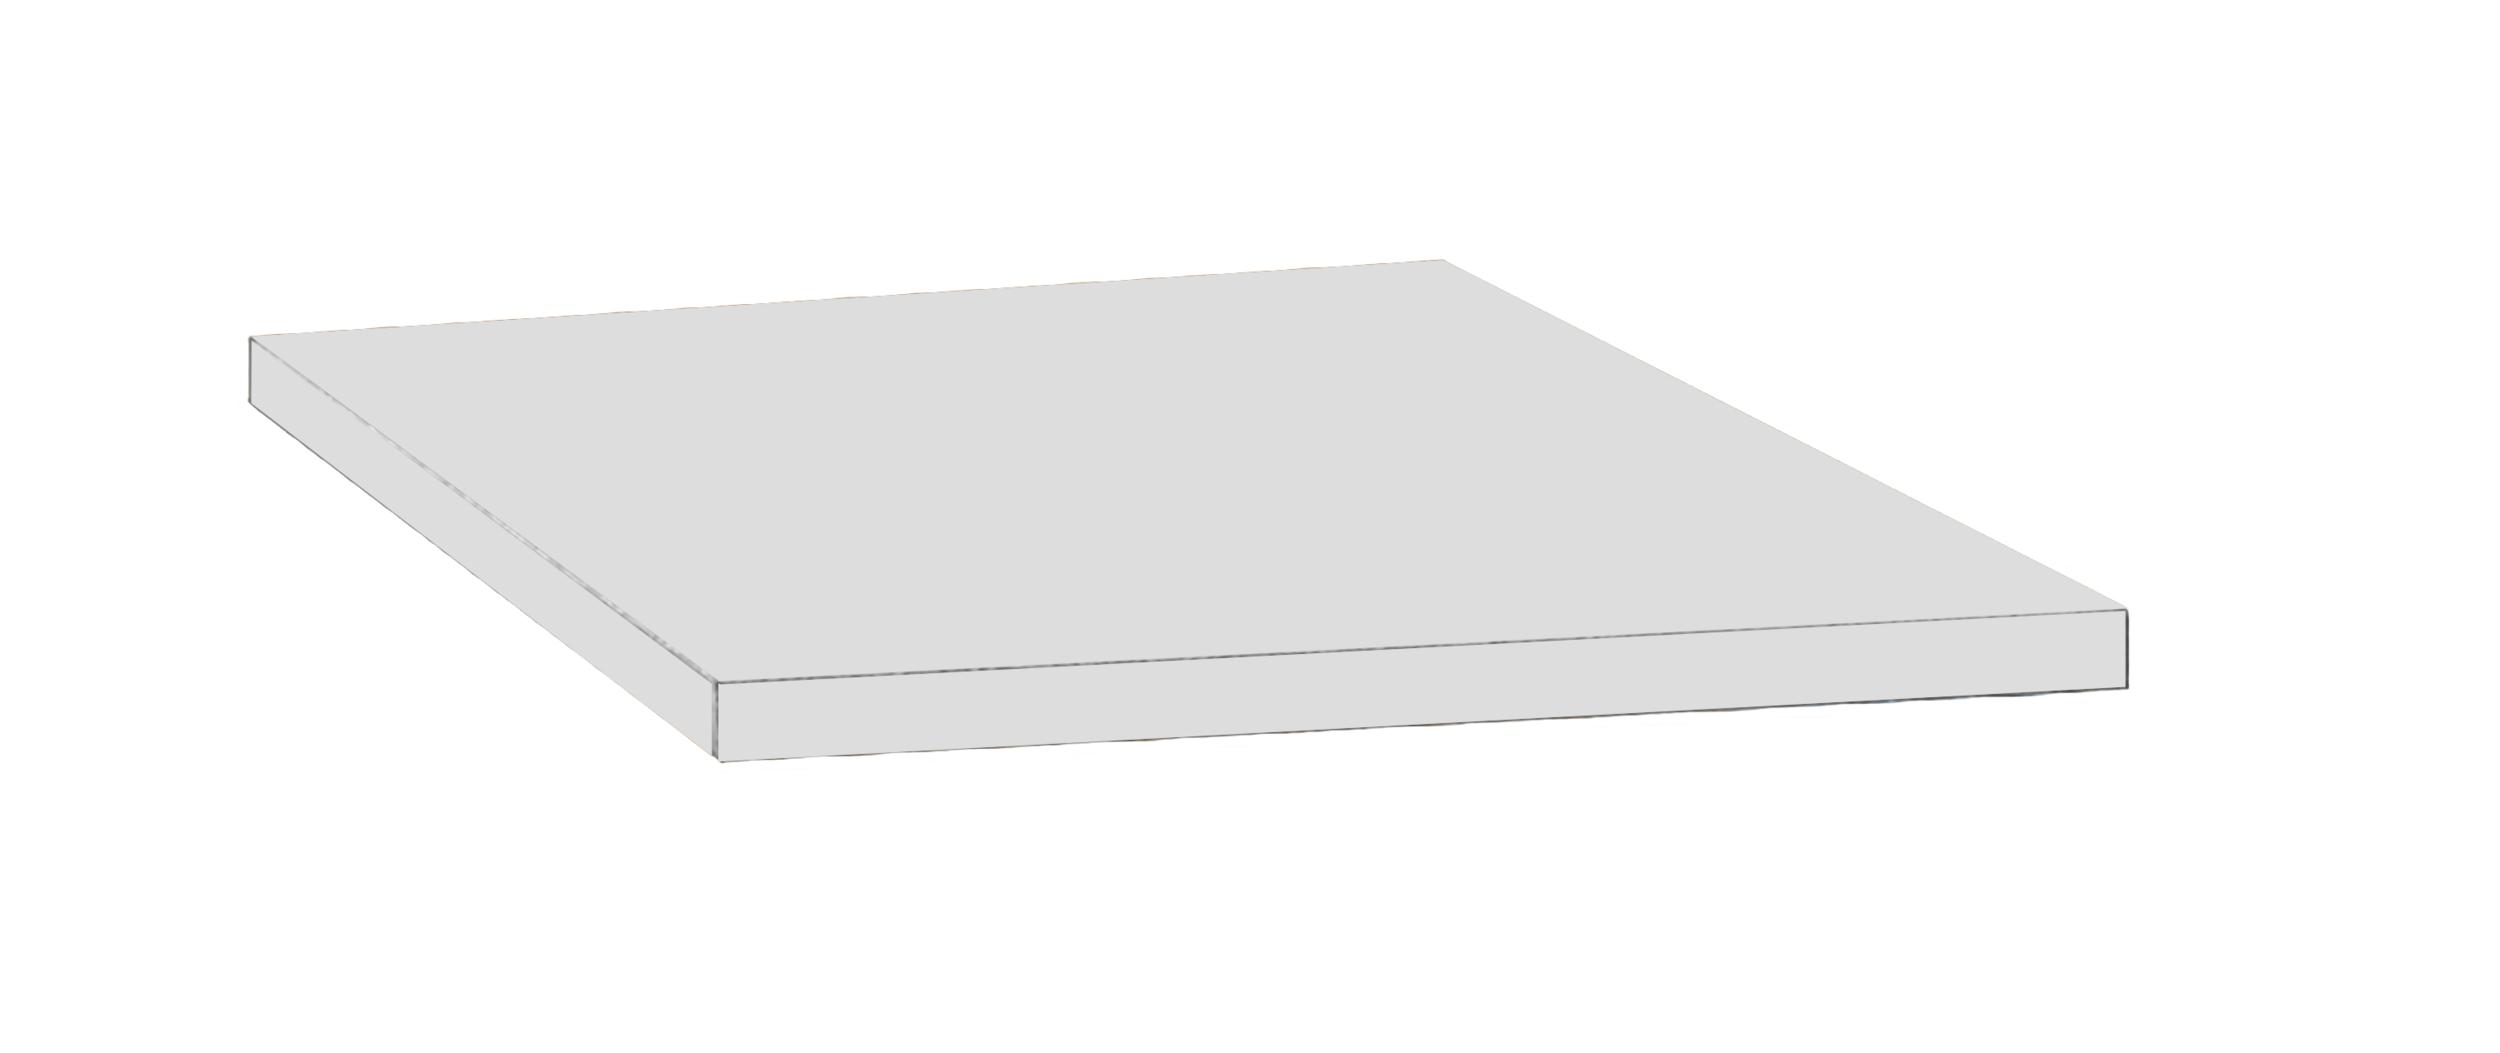 TOP POUR CAISSON MOBILE 42CM GRIS